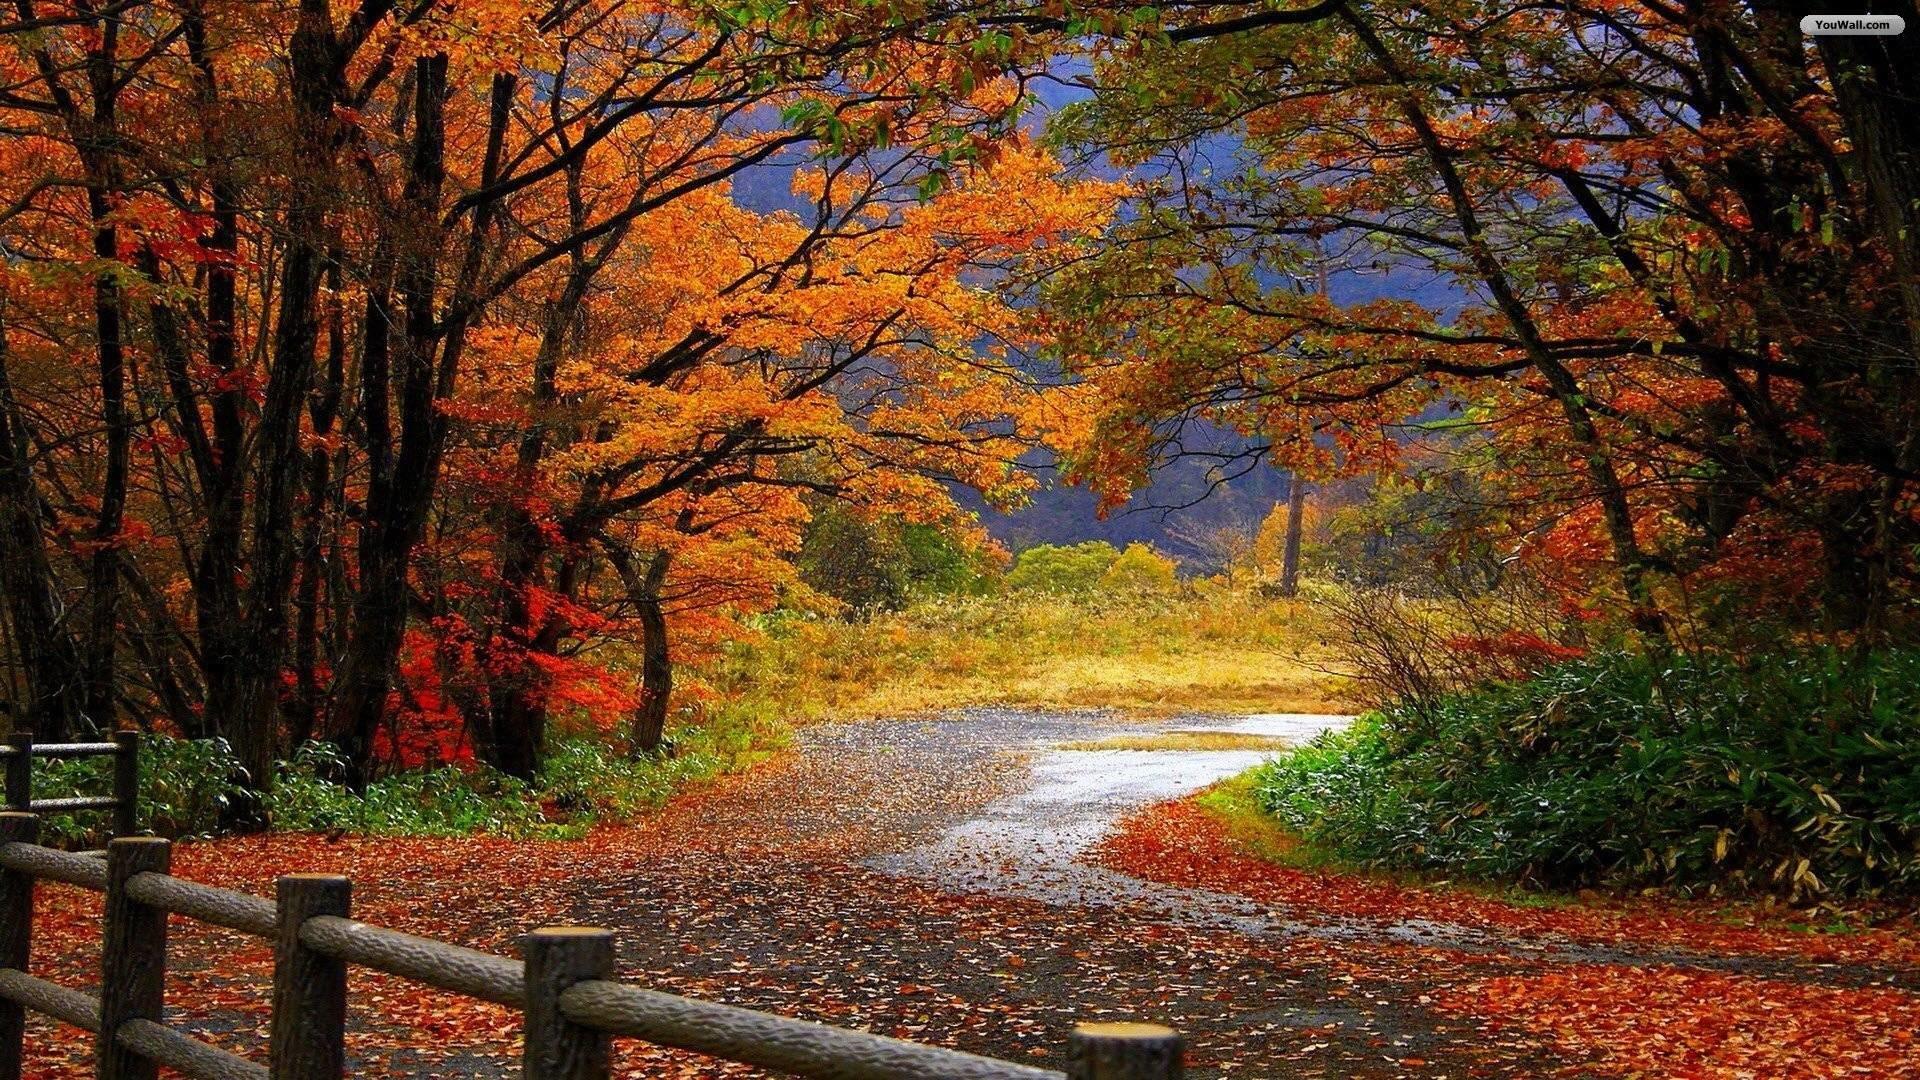 Best Scenery Wallpaper Hd Page 1920×1080 Best Scenery Wallpapers HD (40  Wallpapers)